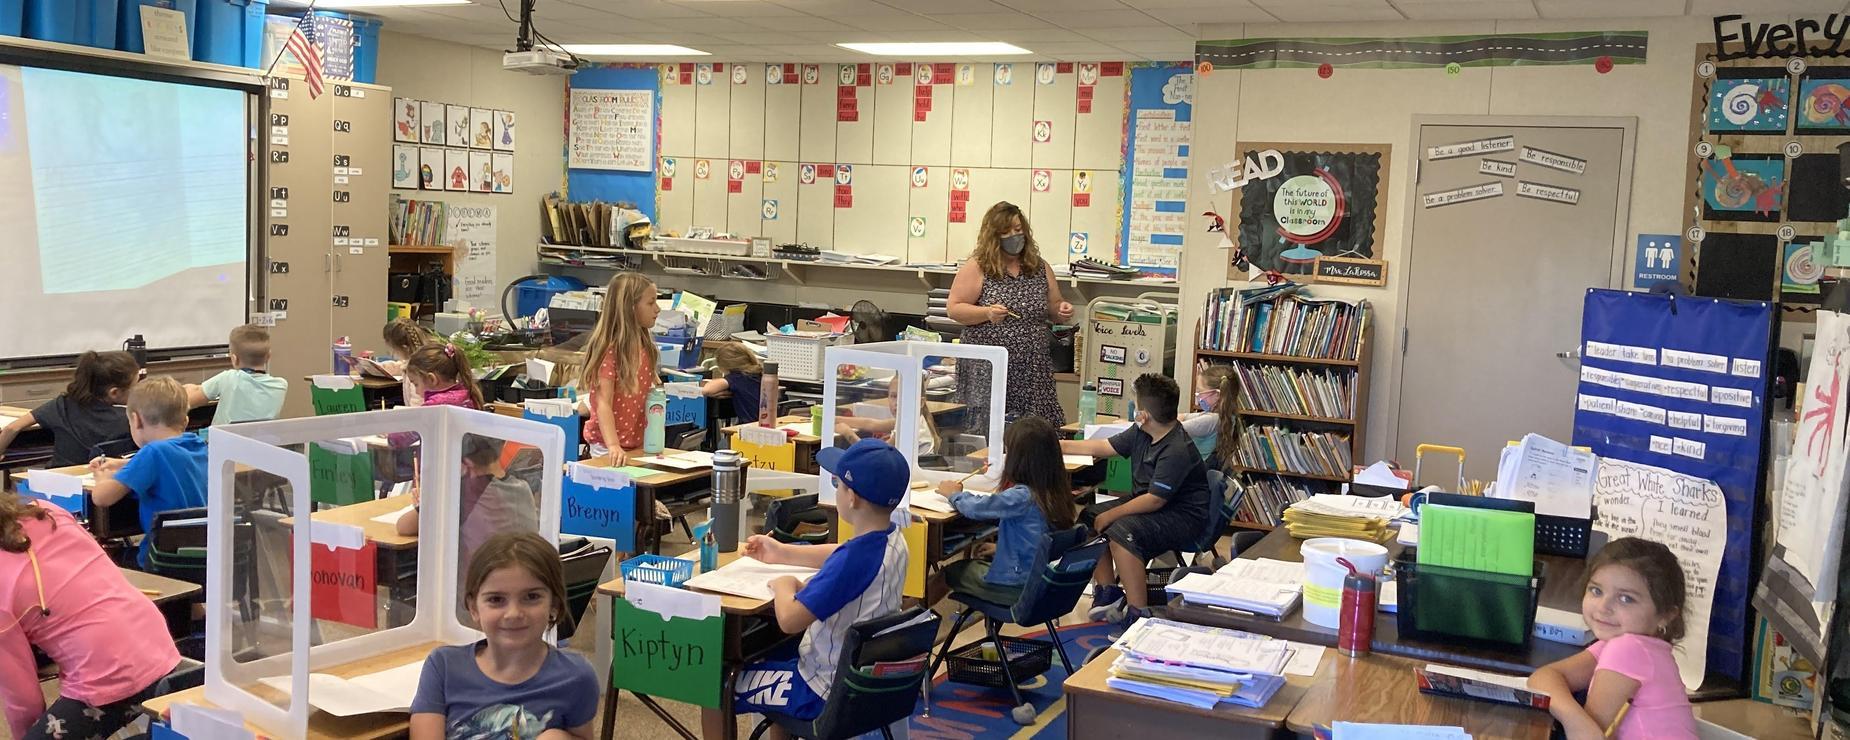 Covid LaRossa's 1st grade class